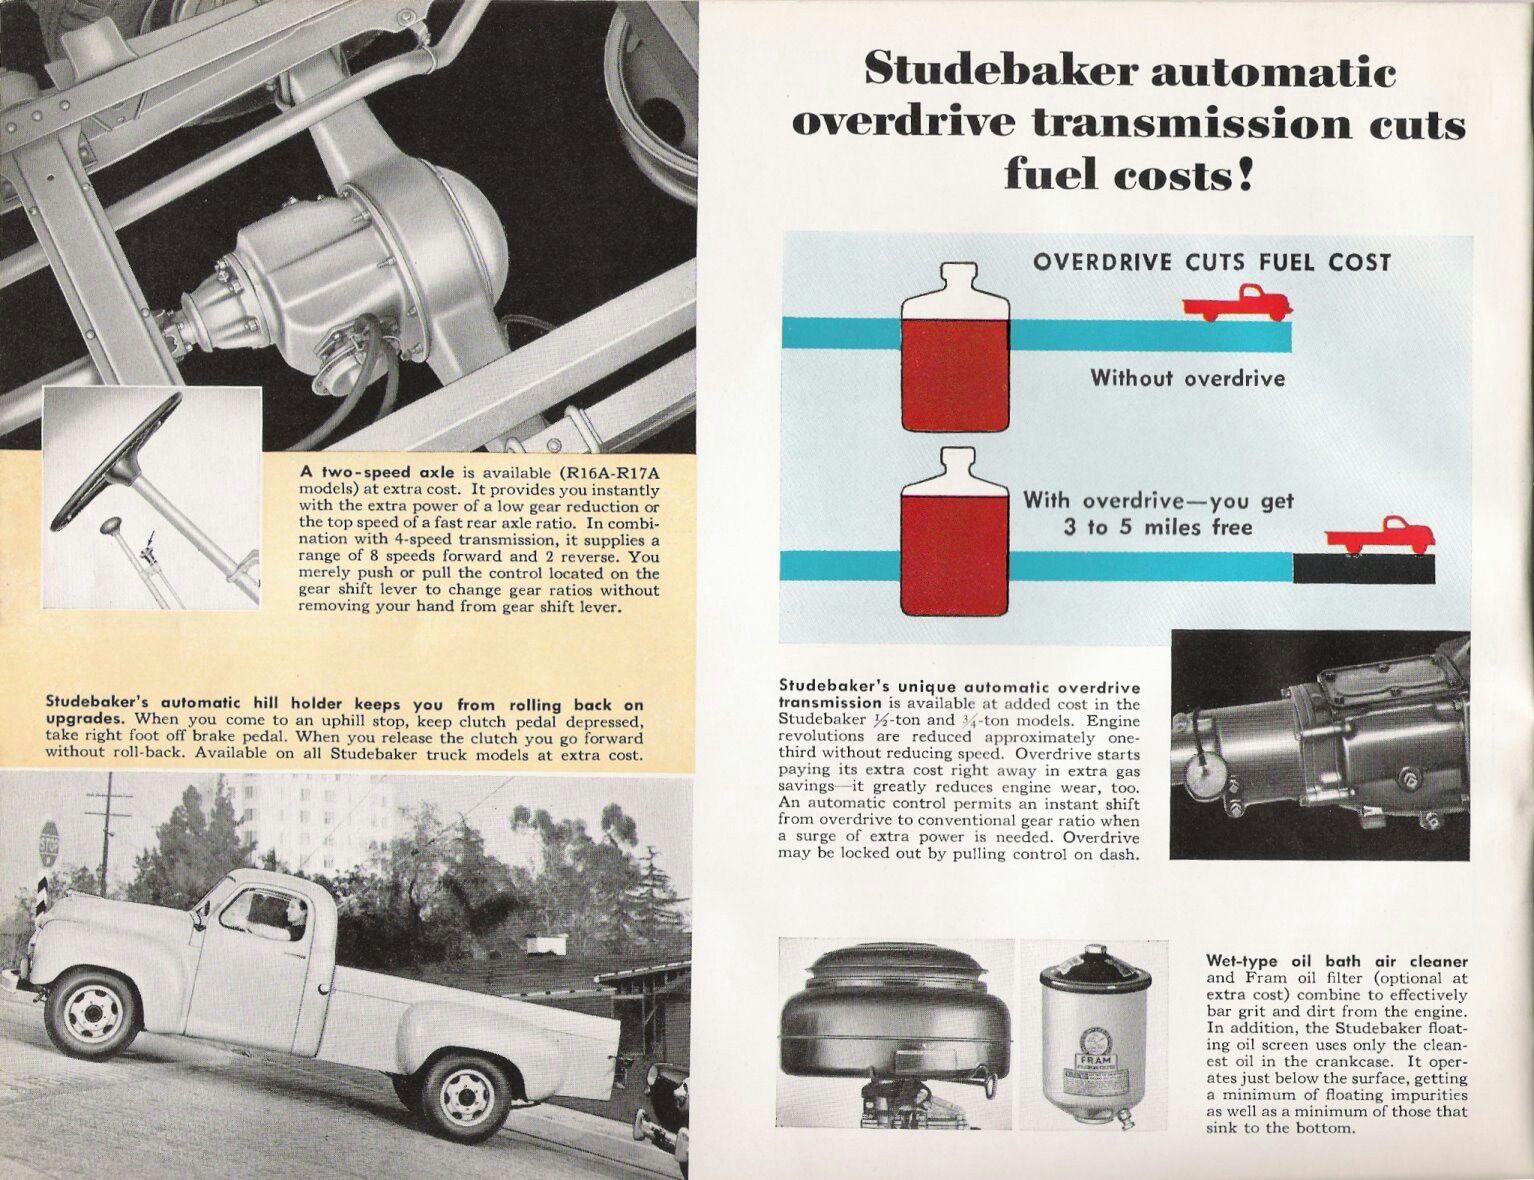 1950 Studebaker Studebaker South Bend Indiana Studebaker Trucks